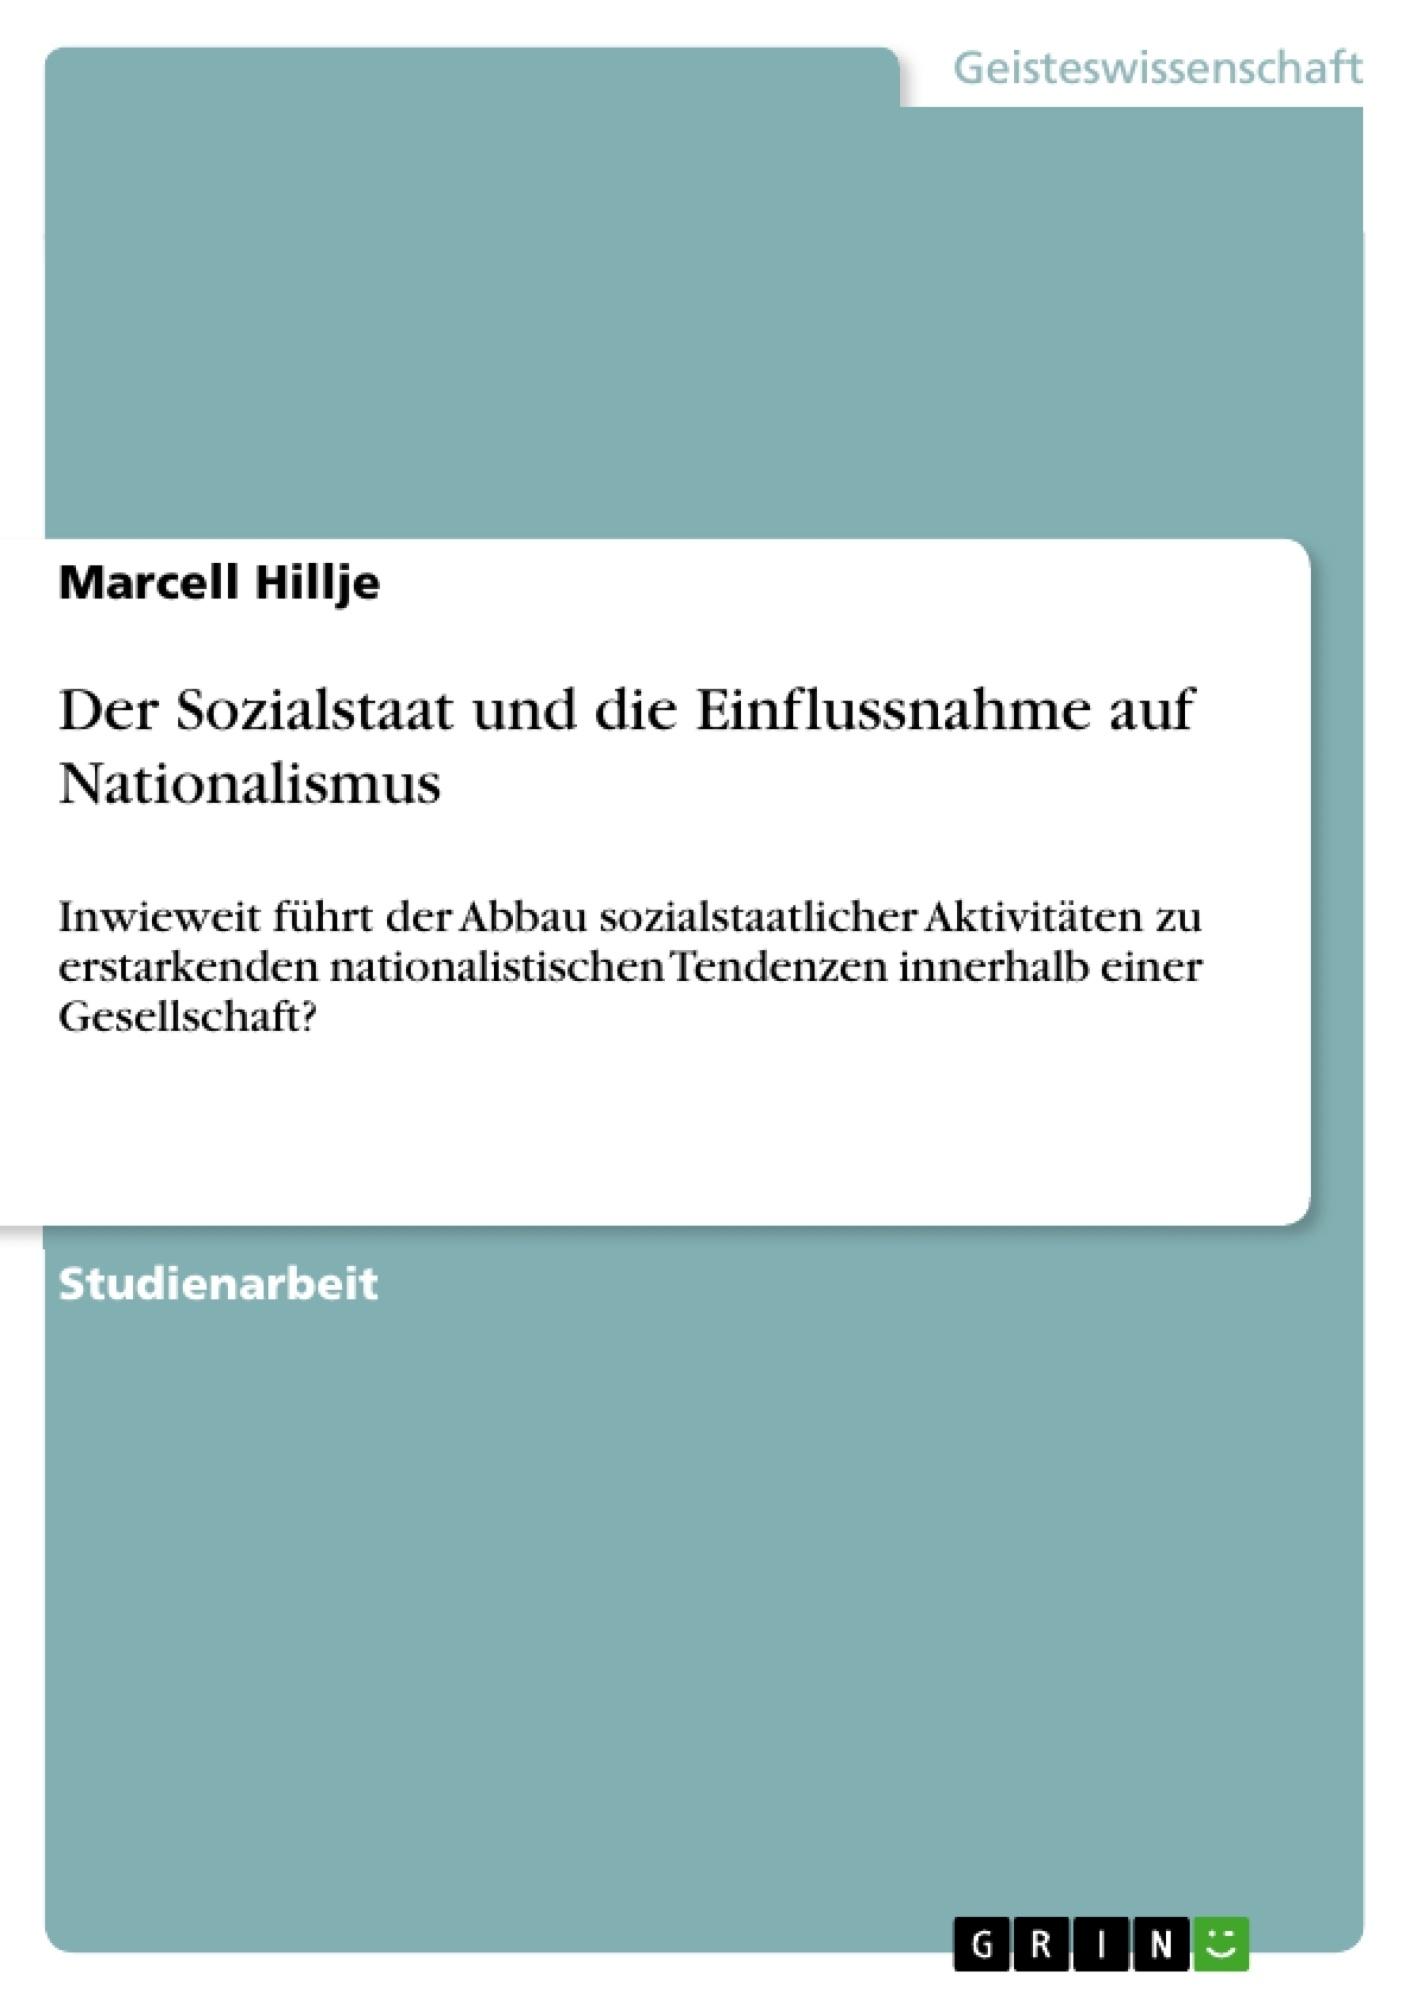 Titel: Der Sozialstaat und die Einflussnahme auf Nationalismus